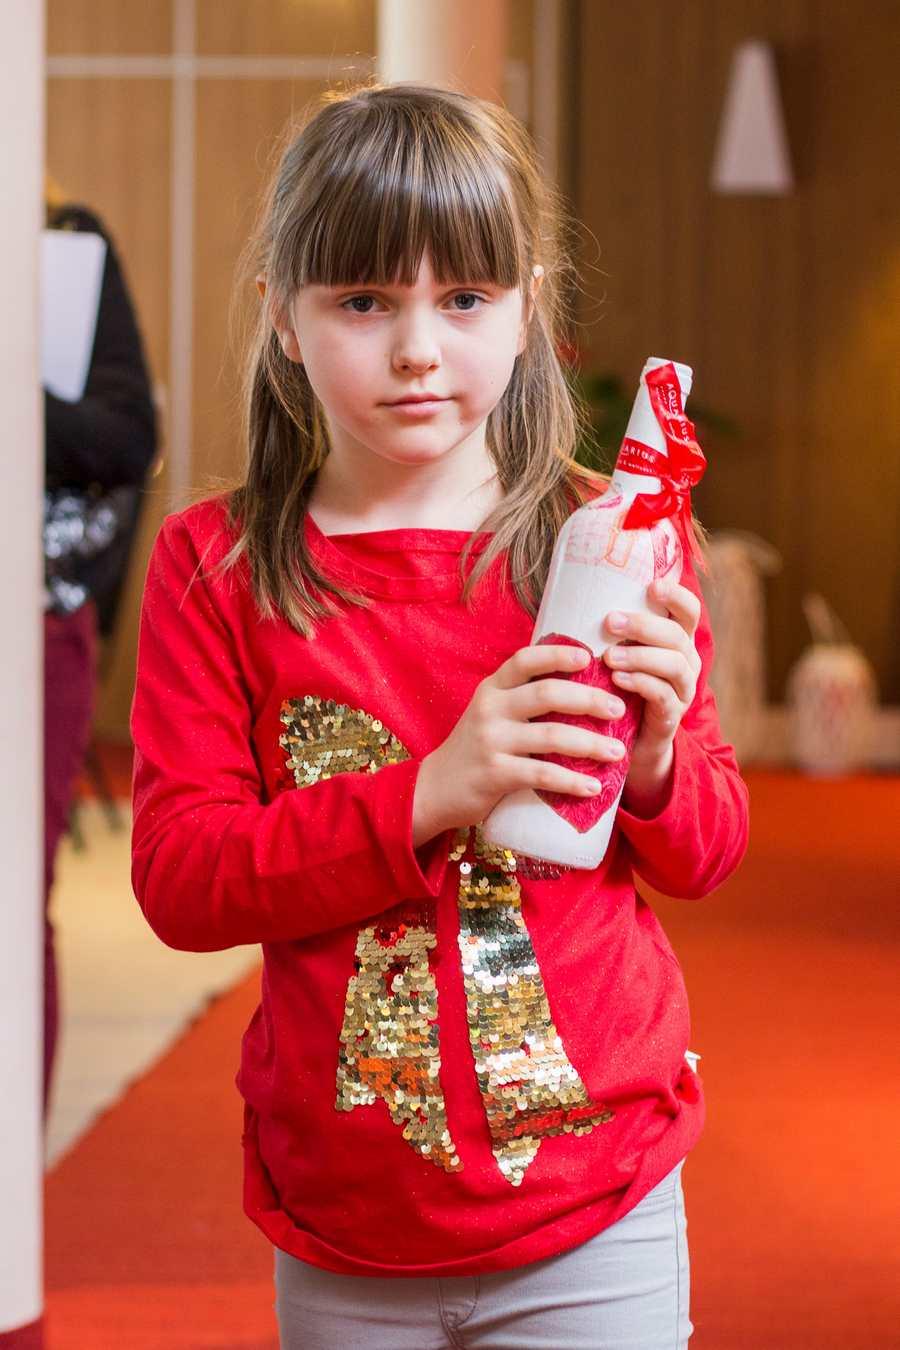 ozdoby robione własnoręcznie przez dzieci w hotelu